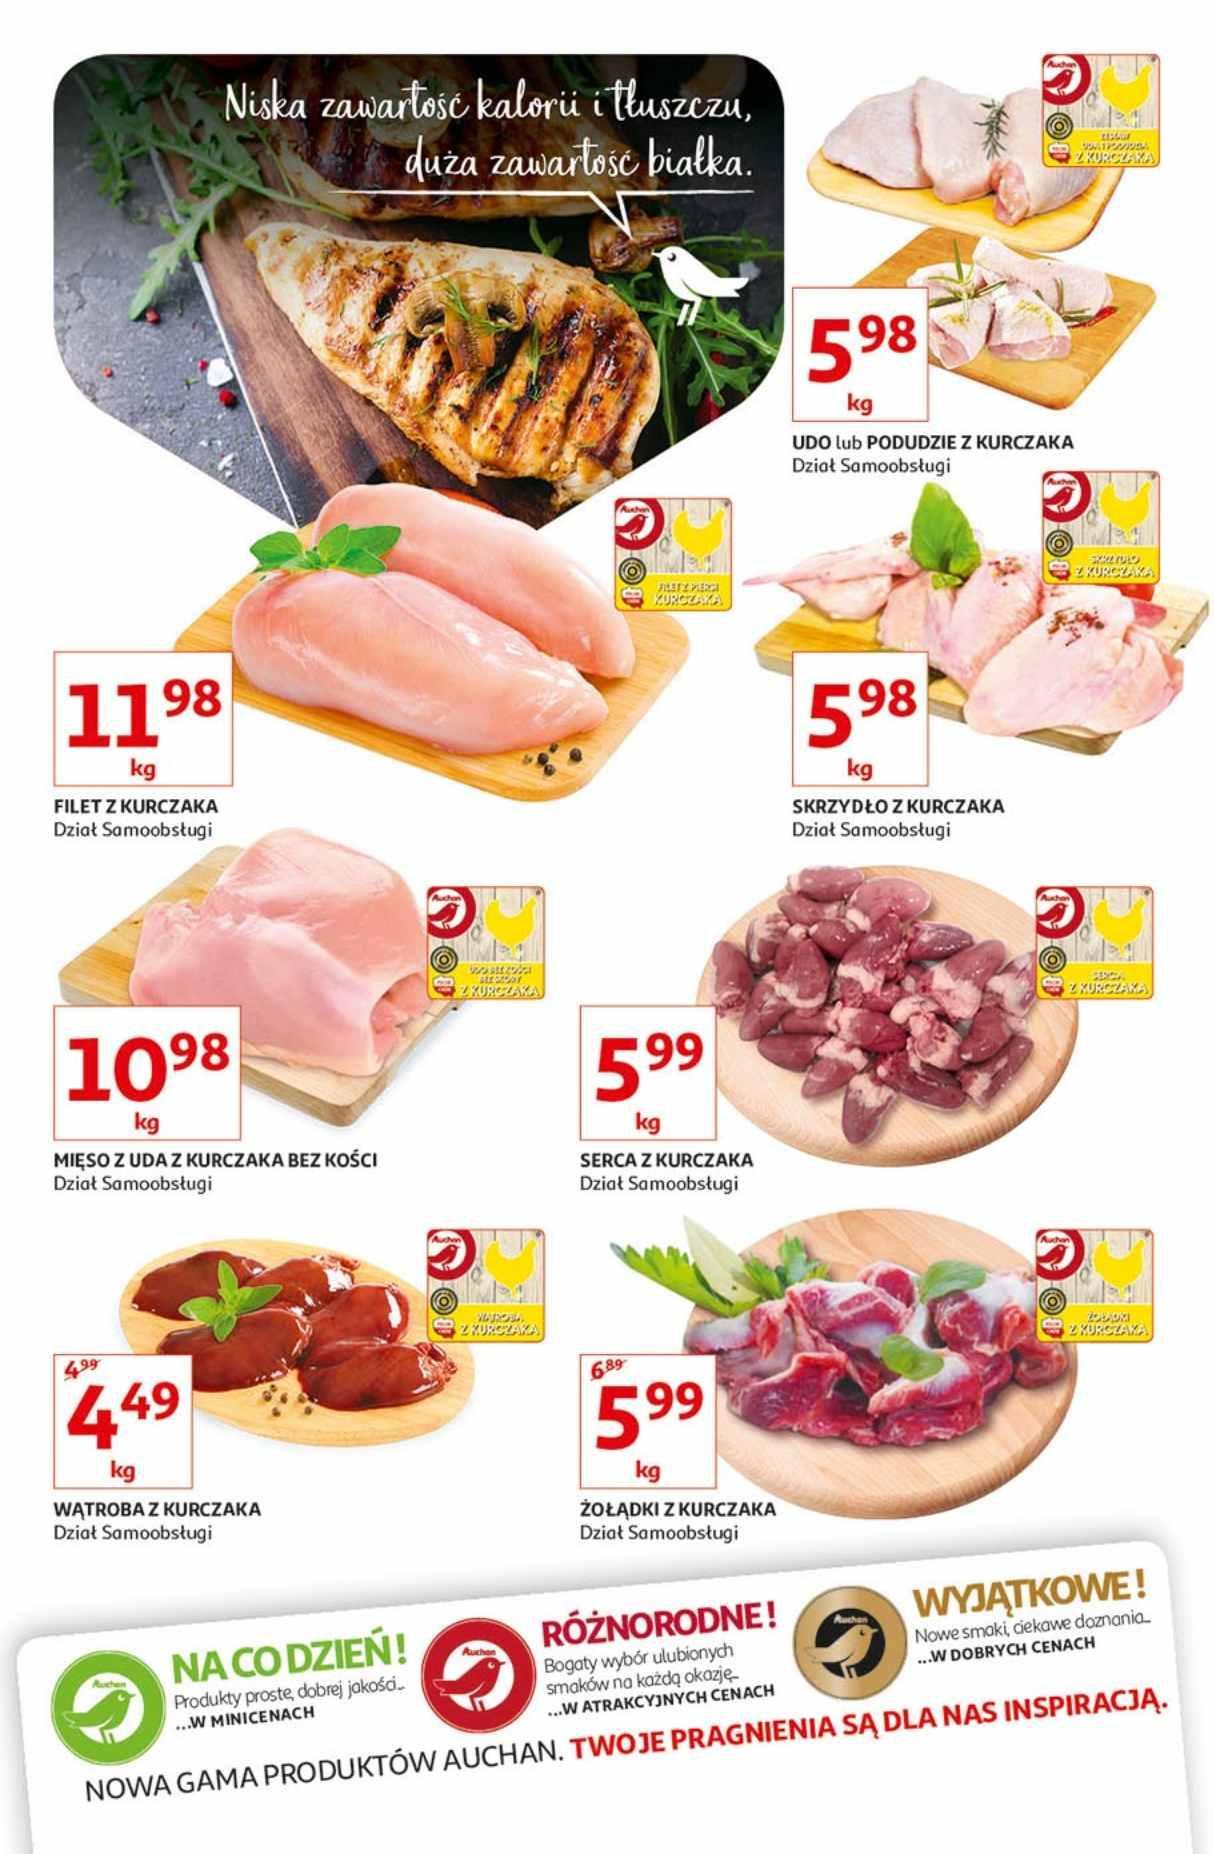 Gazetka promocyjna Auchan do 23/10/2019 str.4